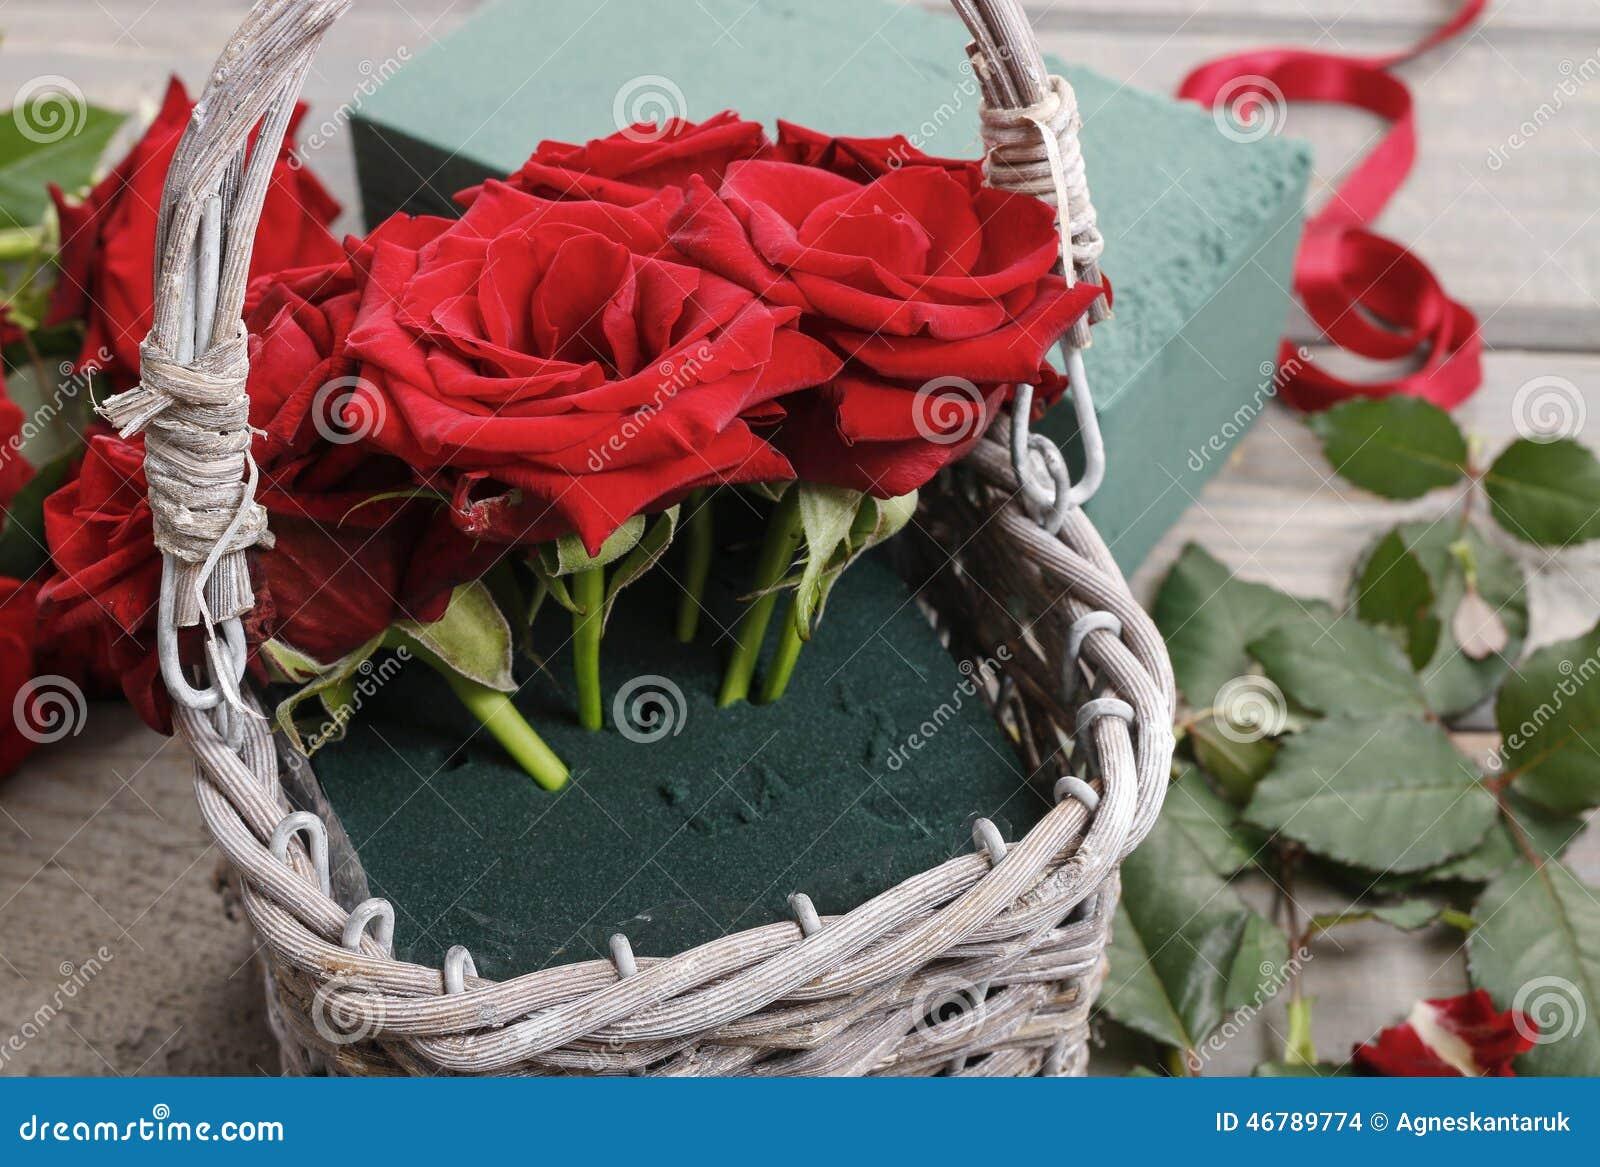 Comment Faire Un Bouquet De Roses comment faire le bouquet des roses dans le cours de panier